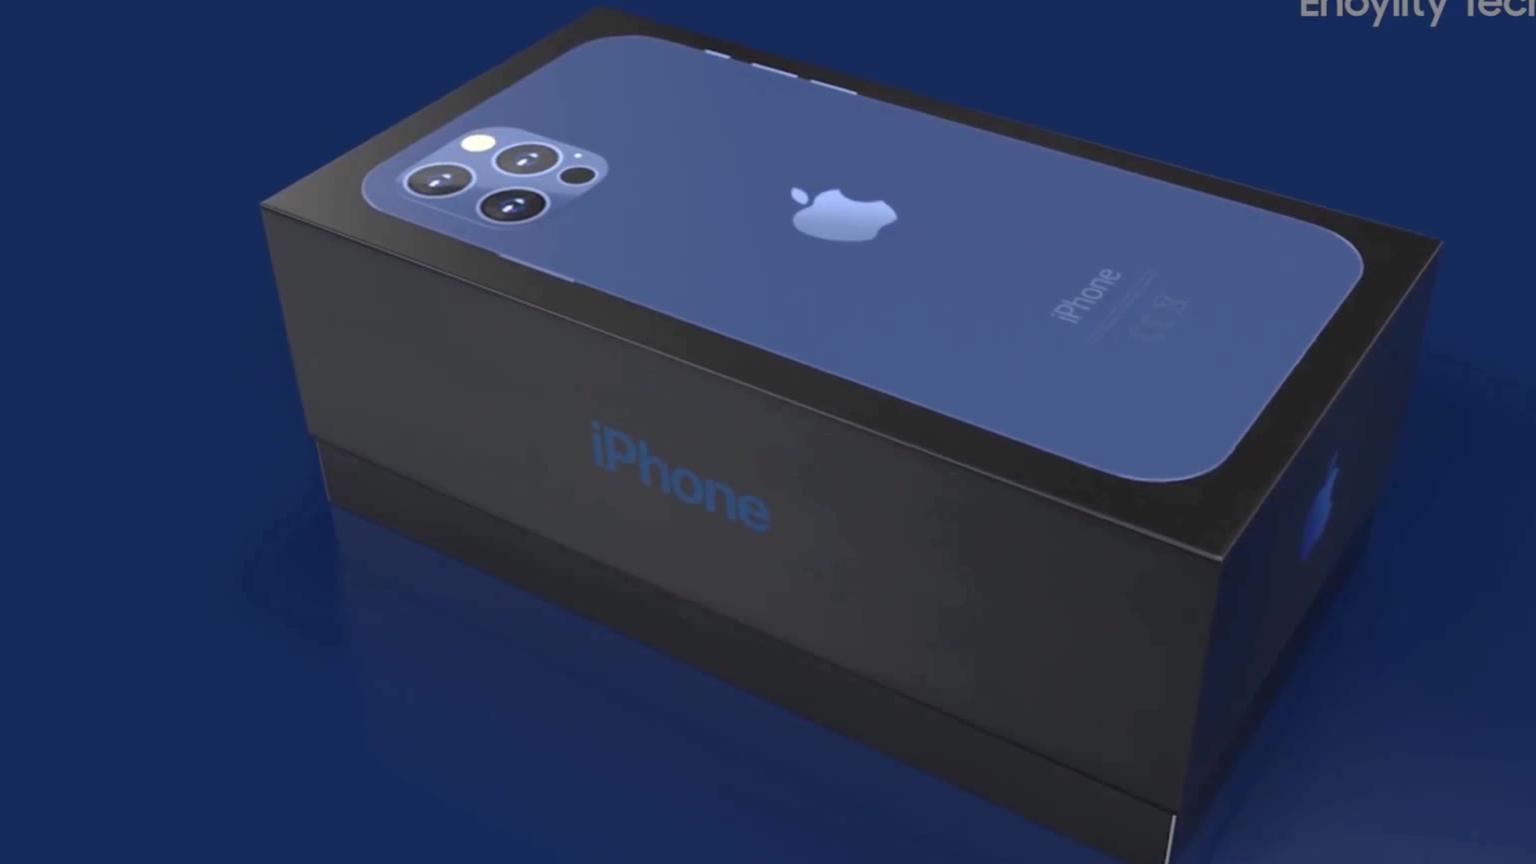 iphone12 开箱视频,一起来看看没有耳机和充电头的包装盒的内部什么样子吧!